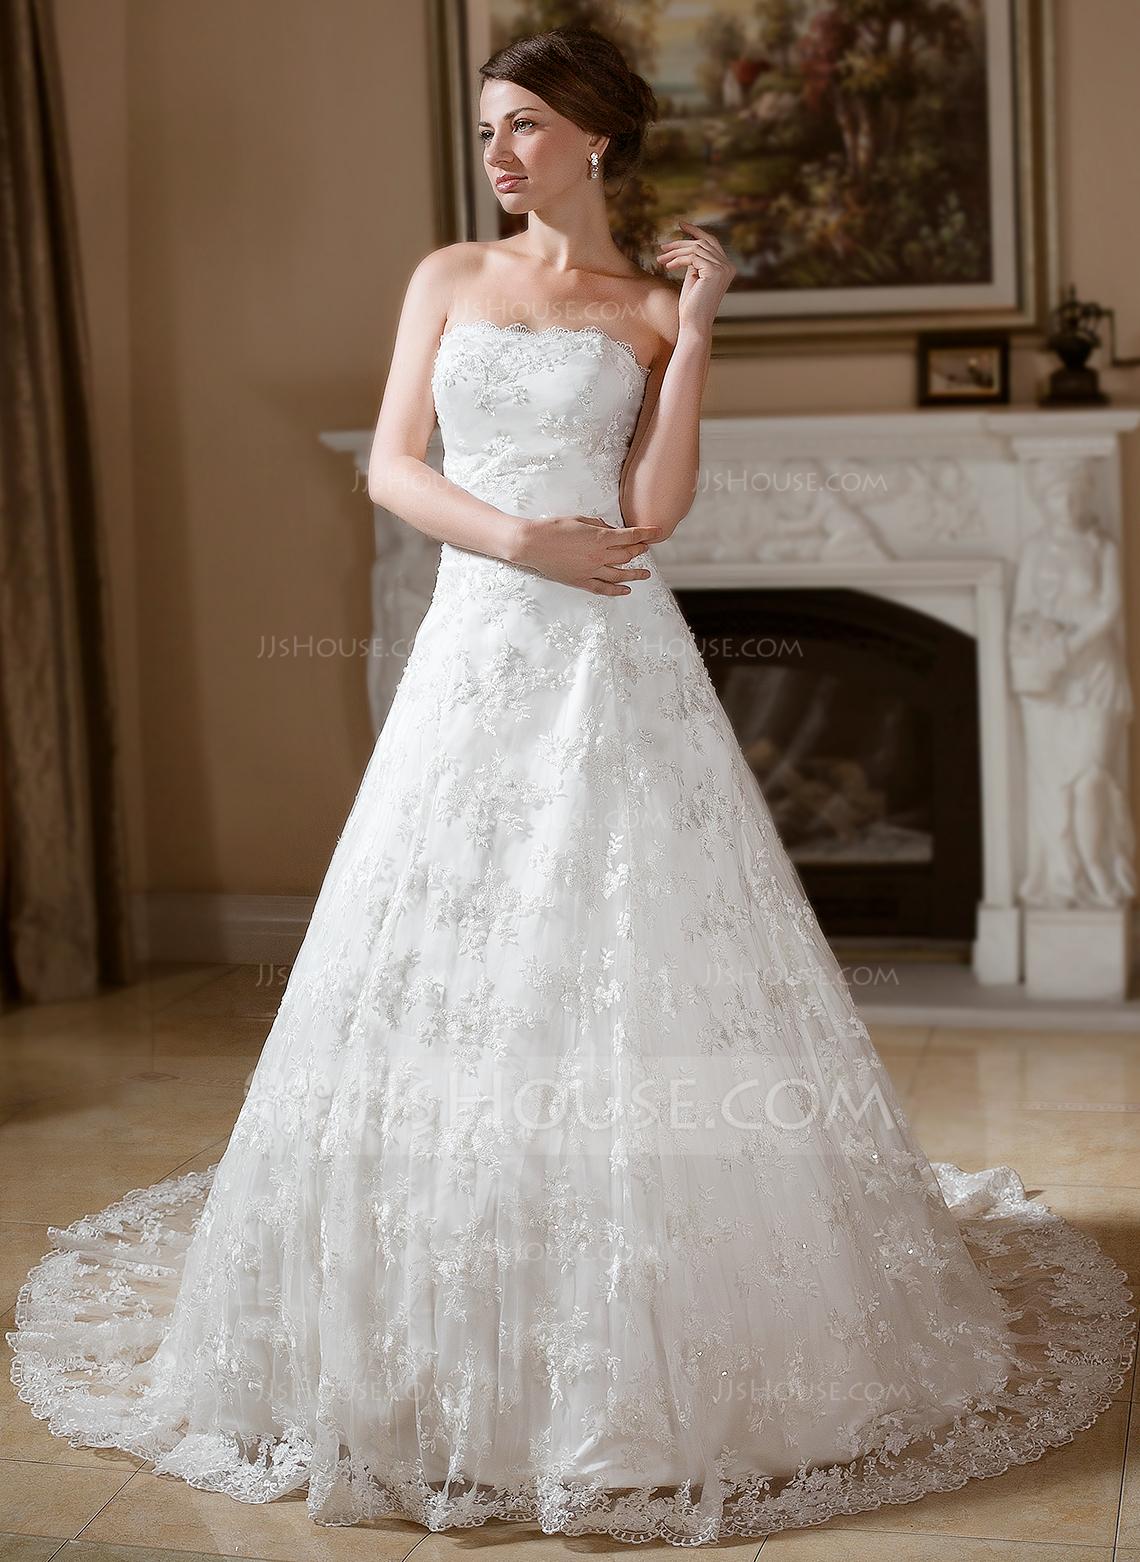 wedding dresses jjshouse photo - 1